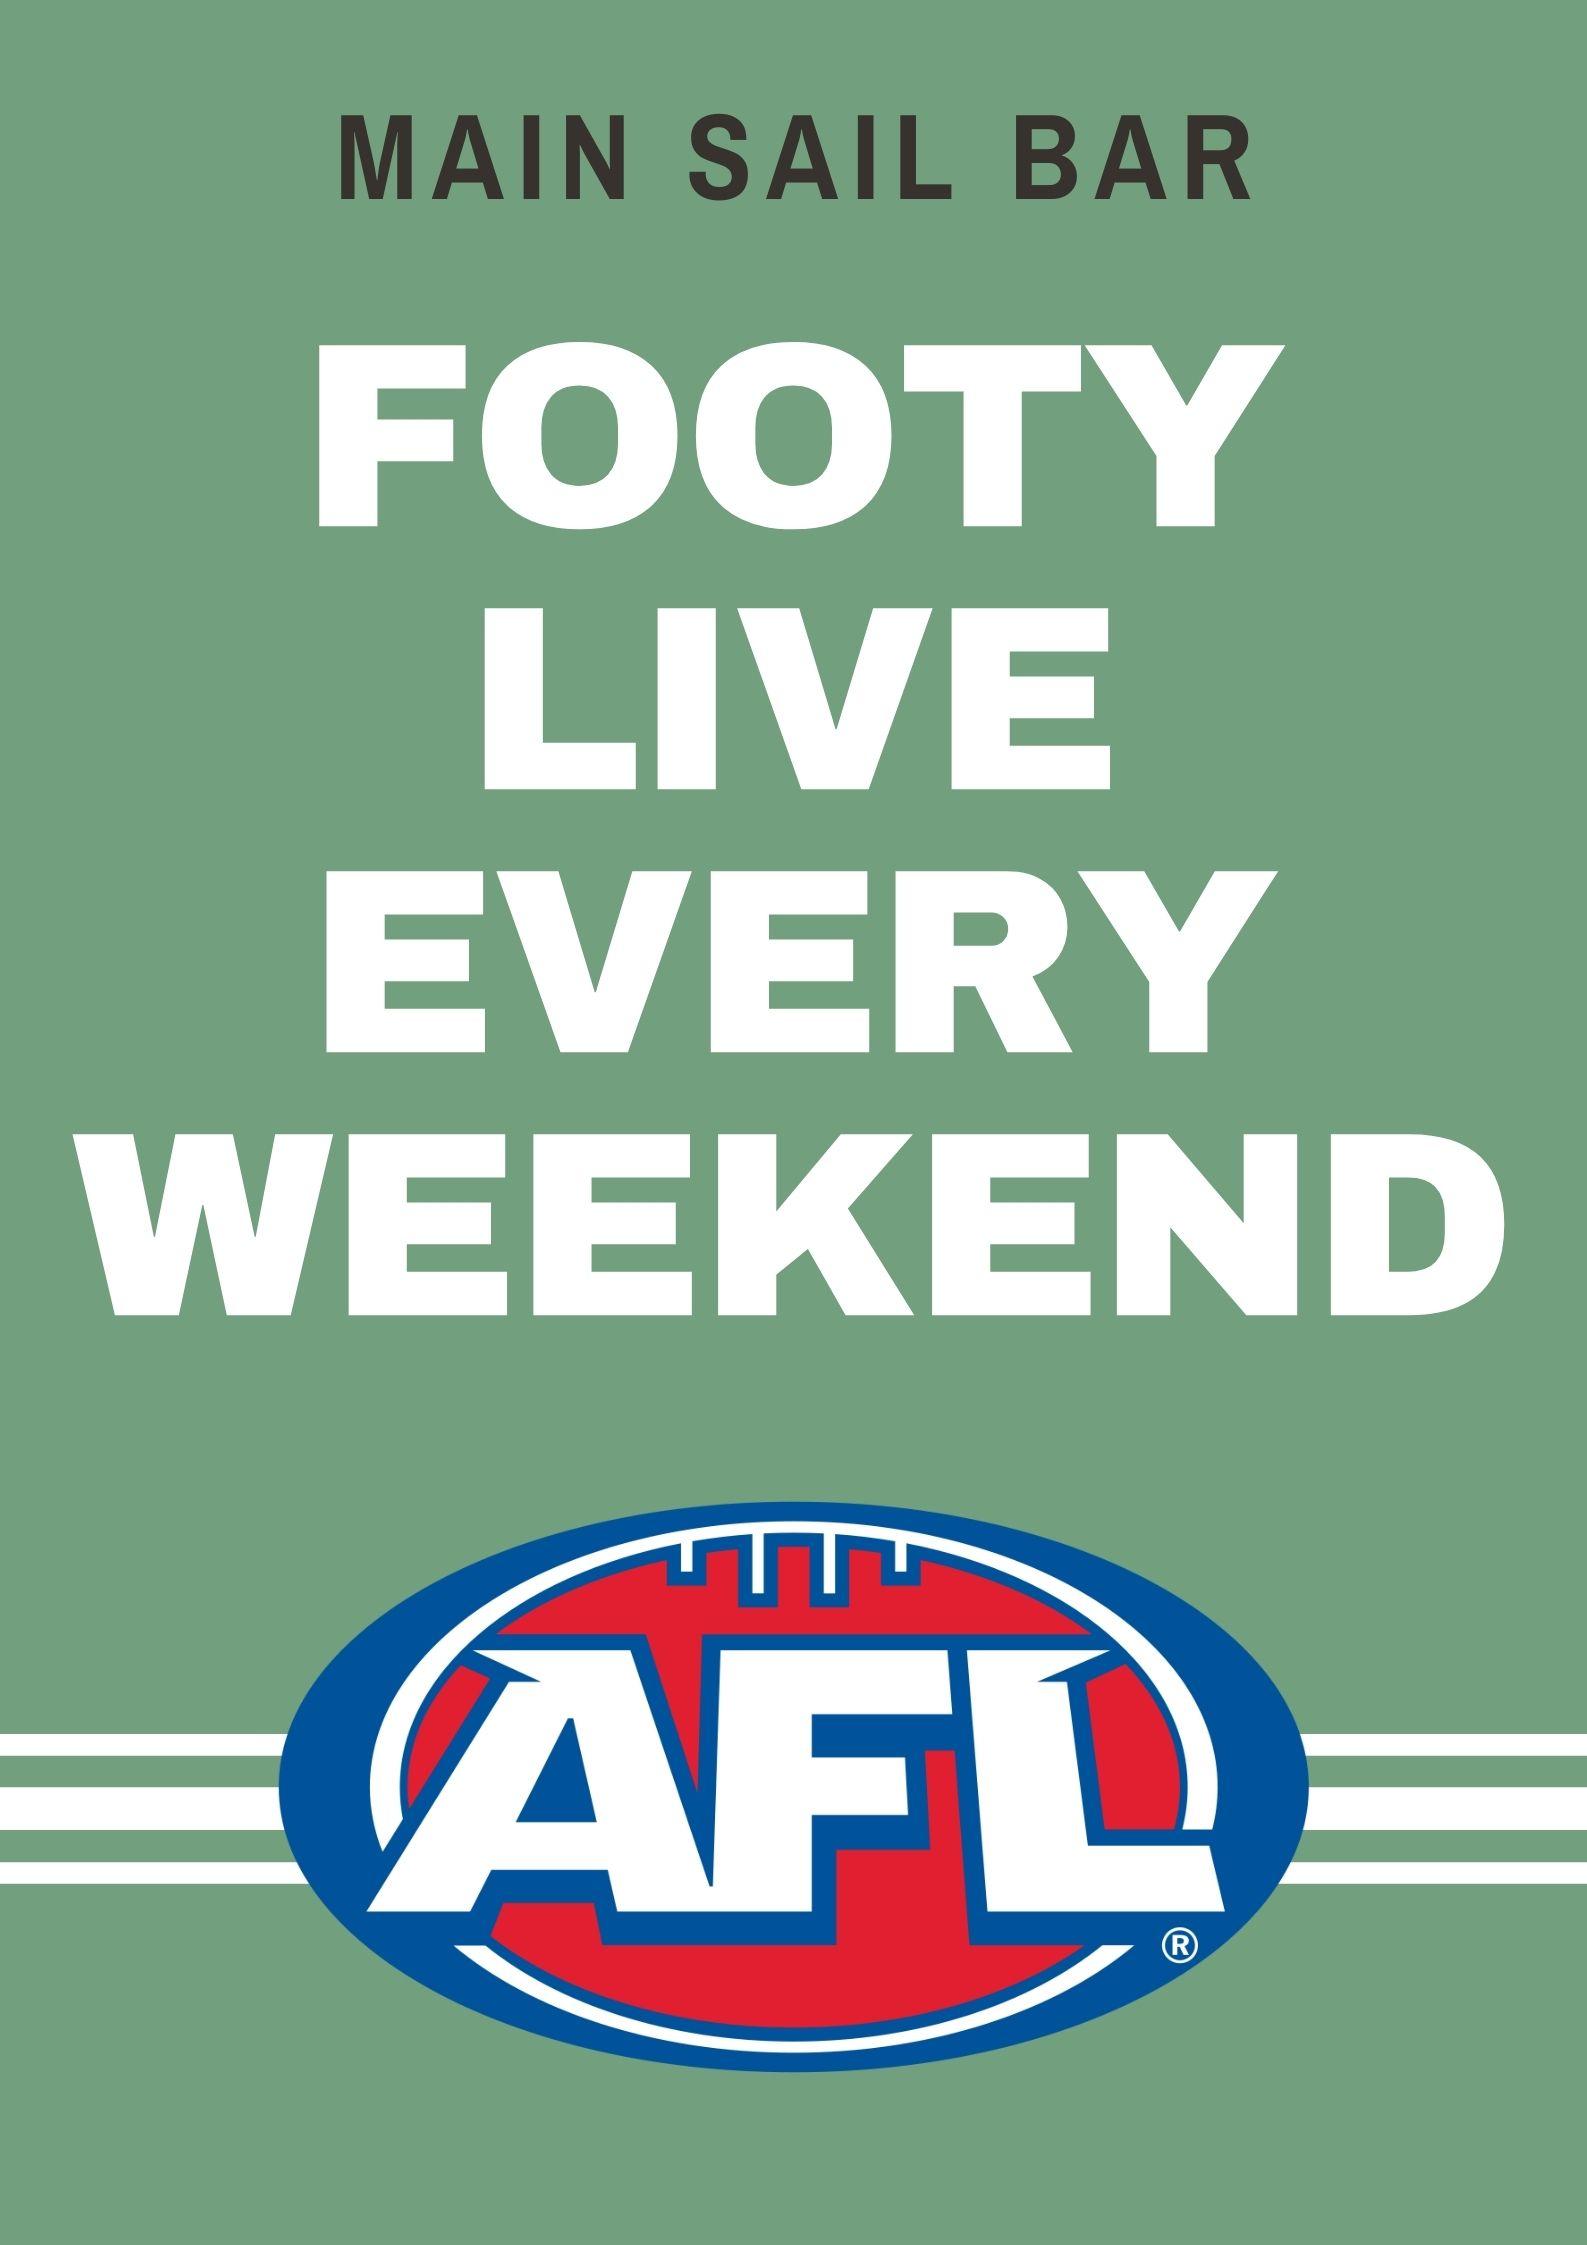 AFL MSB Poster